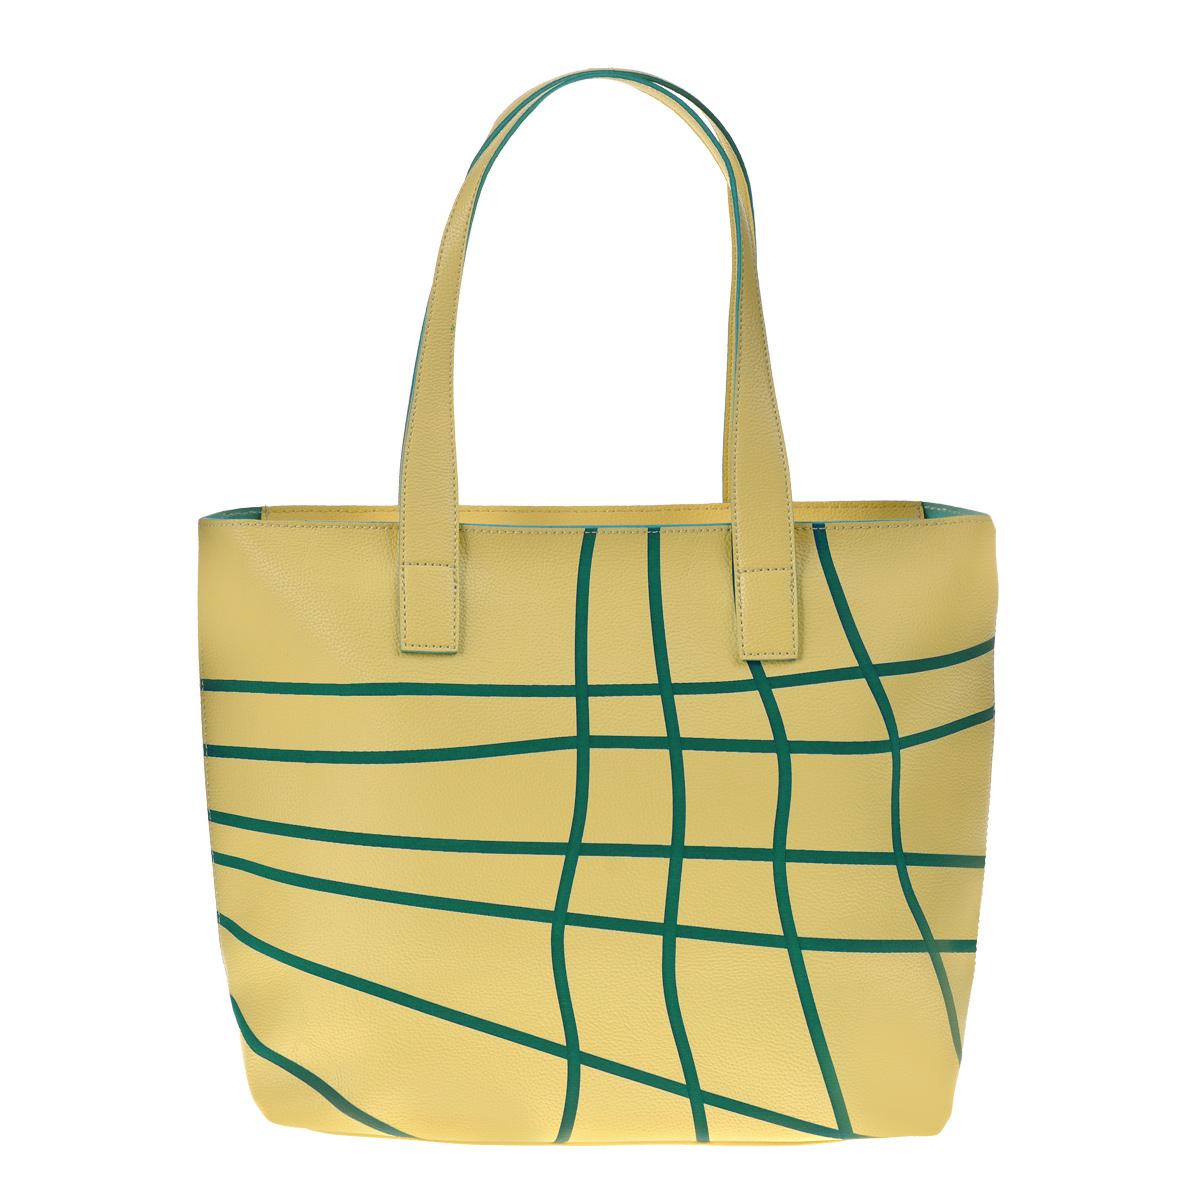 Сумка женская Modo Gru, цвет: желтый, зеленый. MG-13A340MG-13A340 yellowОригинальная женская сумка Modo Gru, выполненная из искусственной кожи желтого цвета с вставками зеленого цвета. Сумка закрывается на молнию. Состоит из одного большого отделения, внутри открытый карман на молнии. Сумка оснащена двумя удобными ручками. Этот стильный аксессуар станет великолепным дополнением вашего образа.